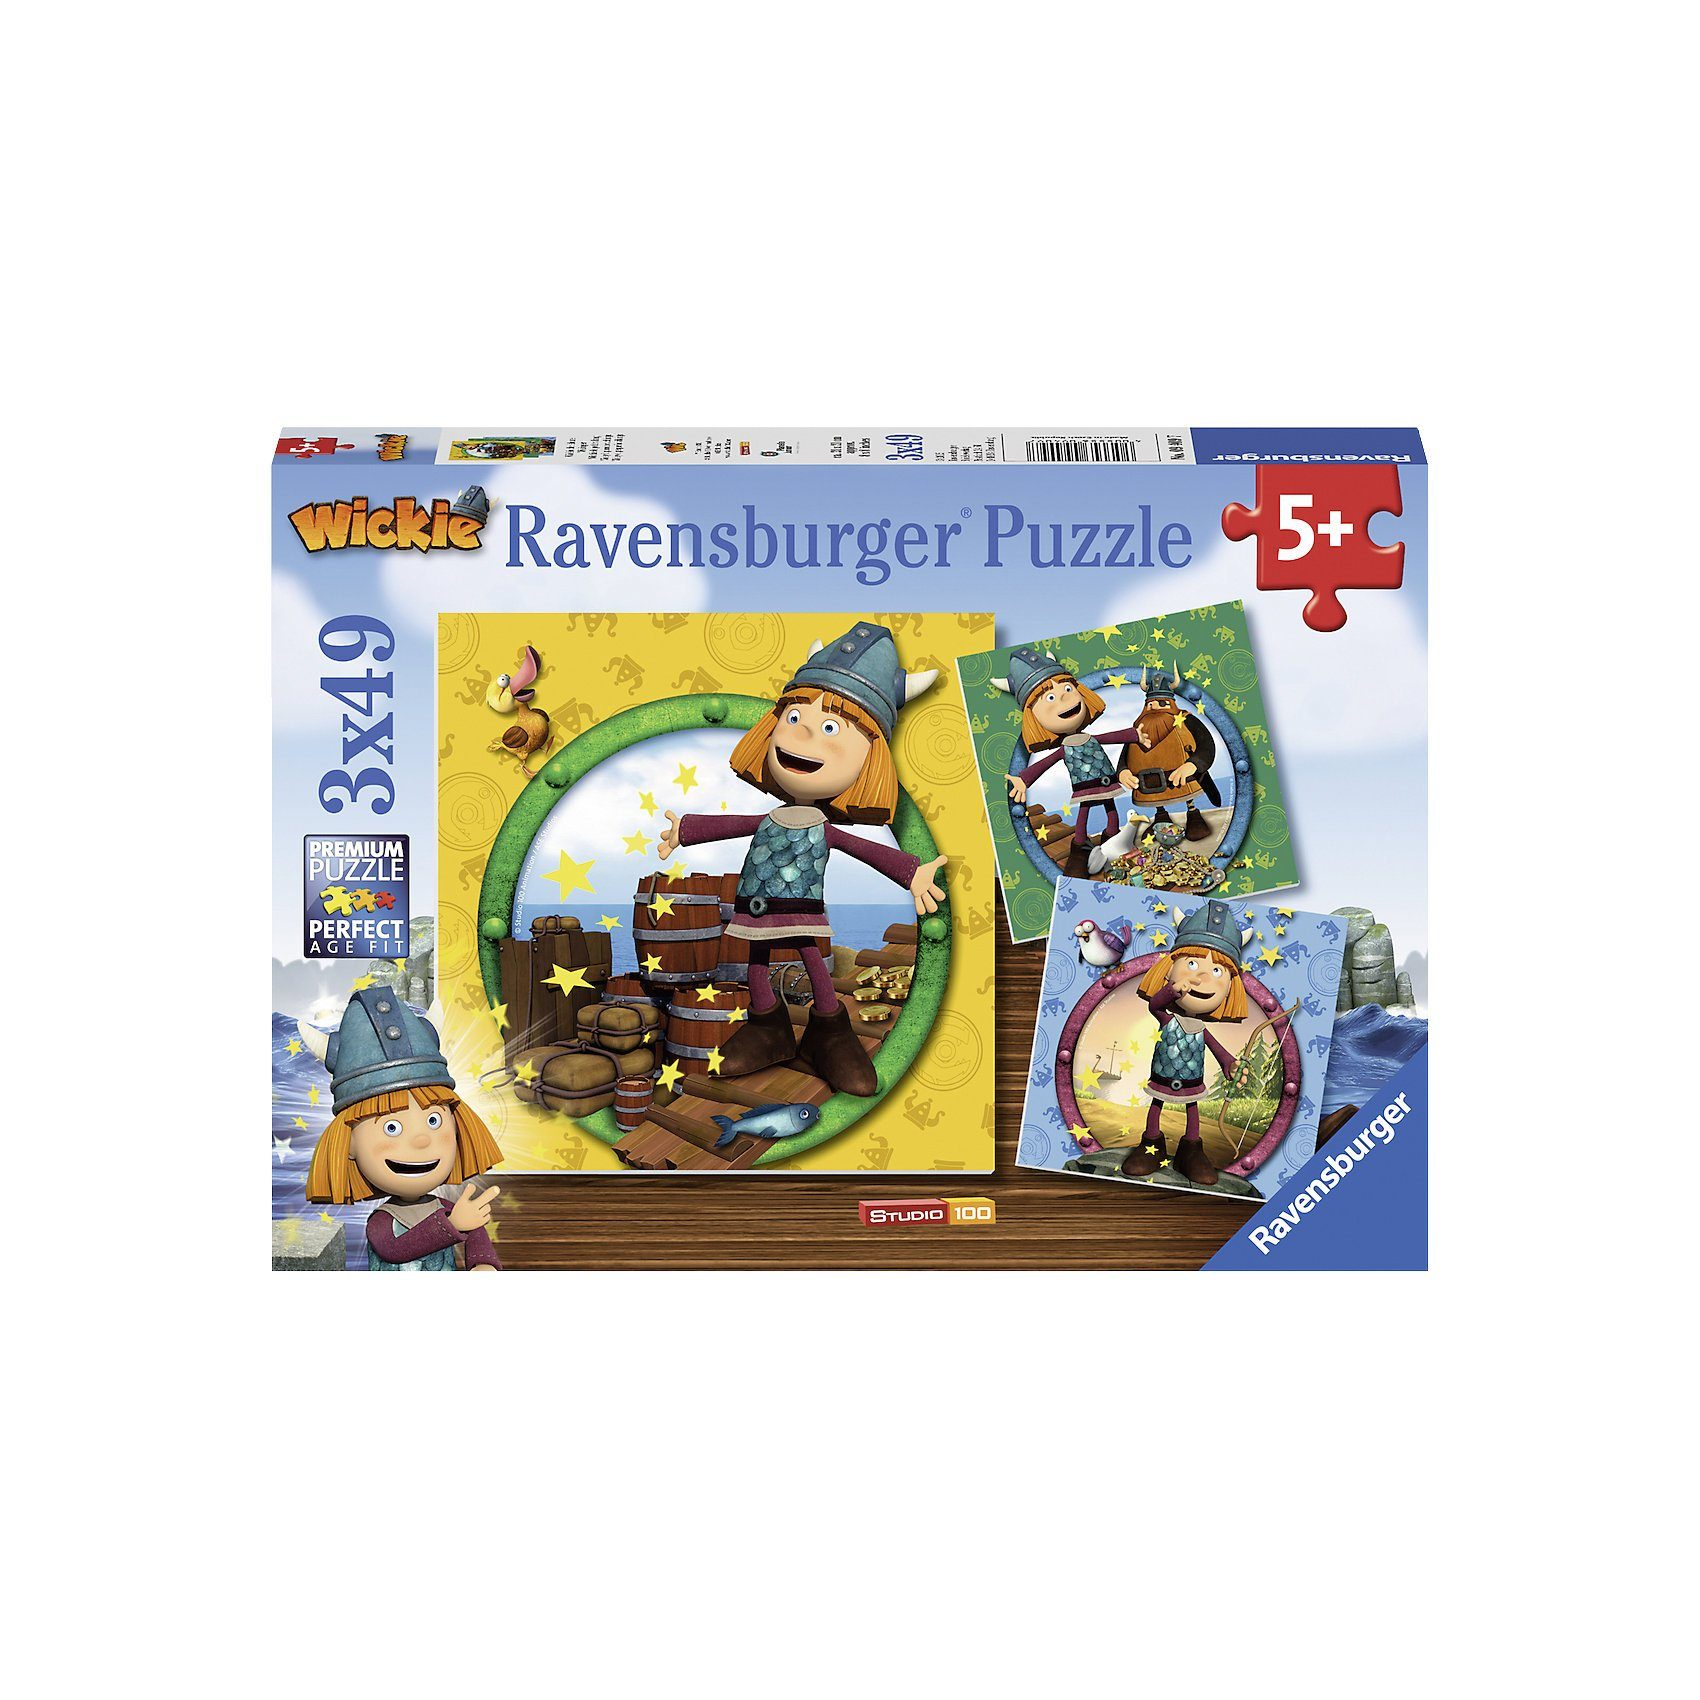 Ravensburger Puzzle Wickie der kleine Wikinger 3 x 49 Teile